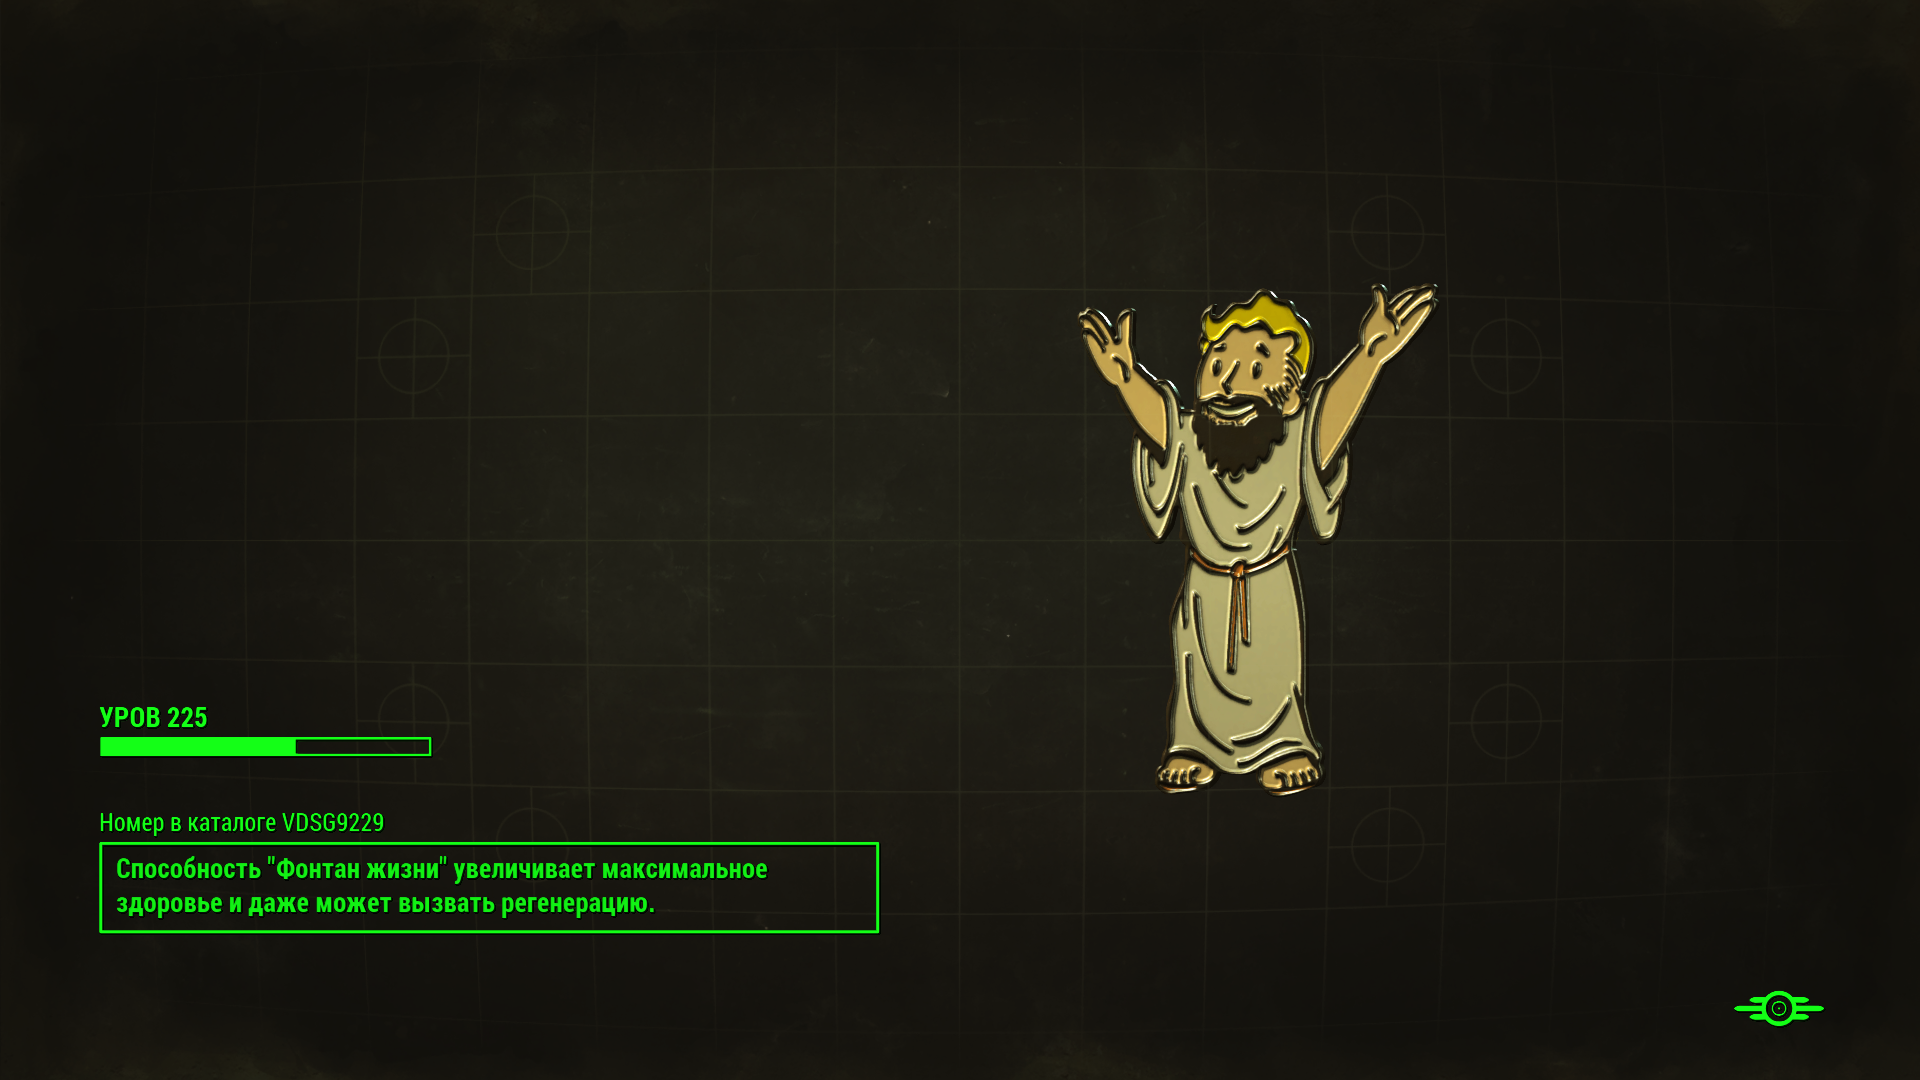 Фонтан жизни (Fallout 4)